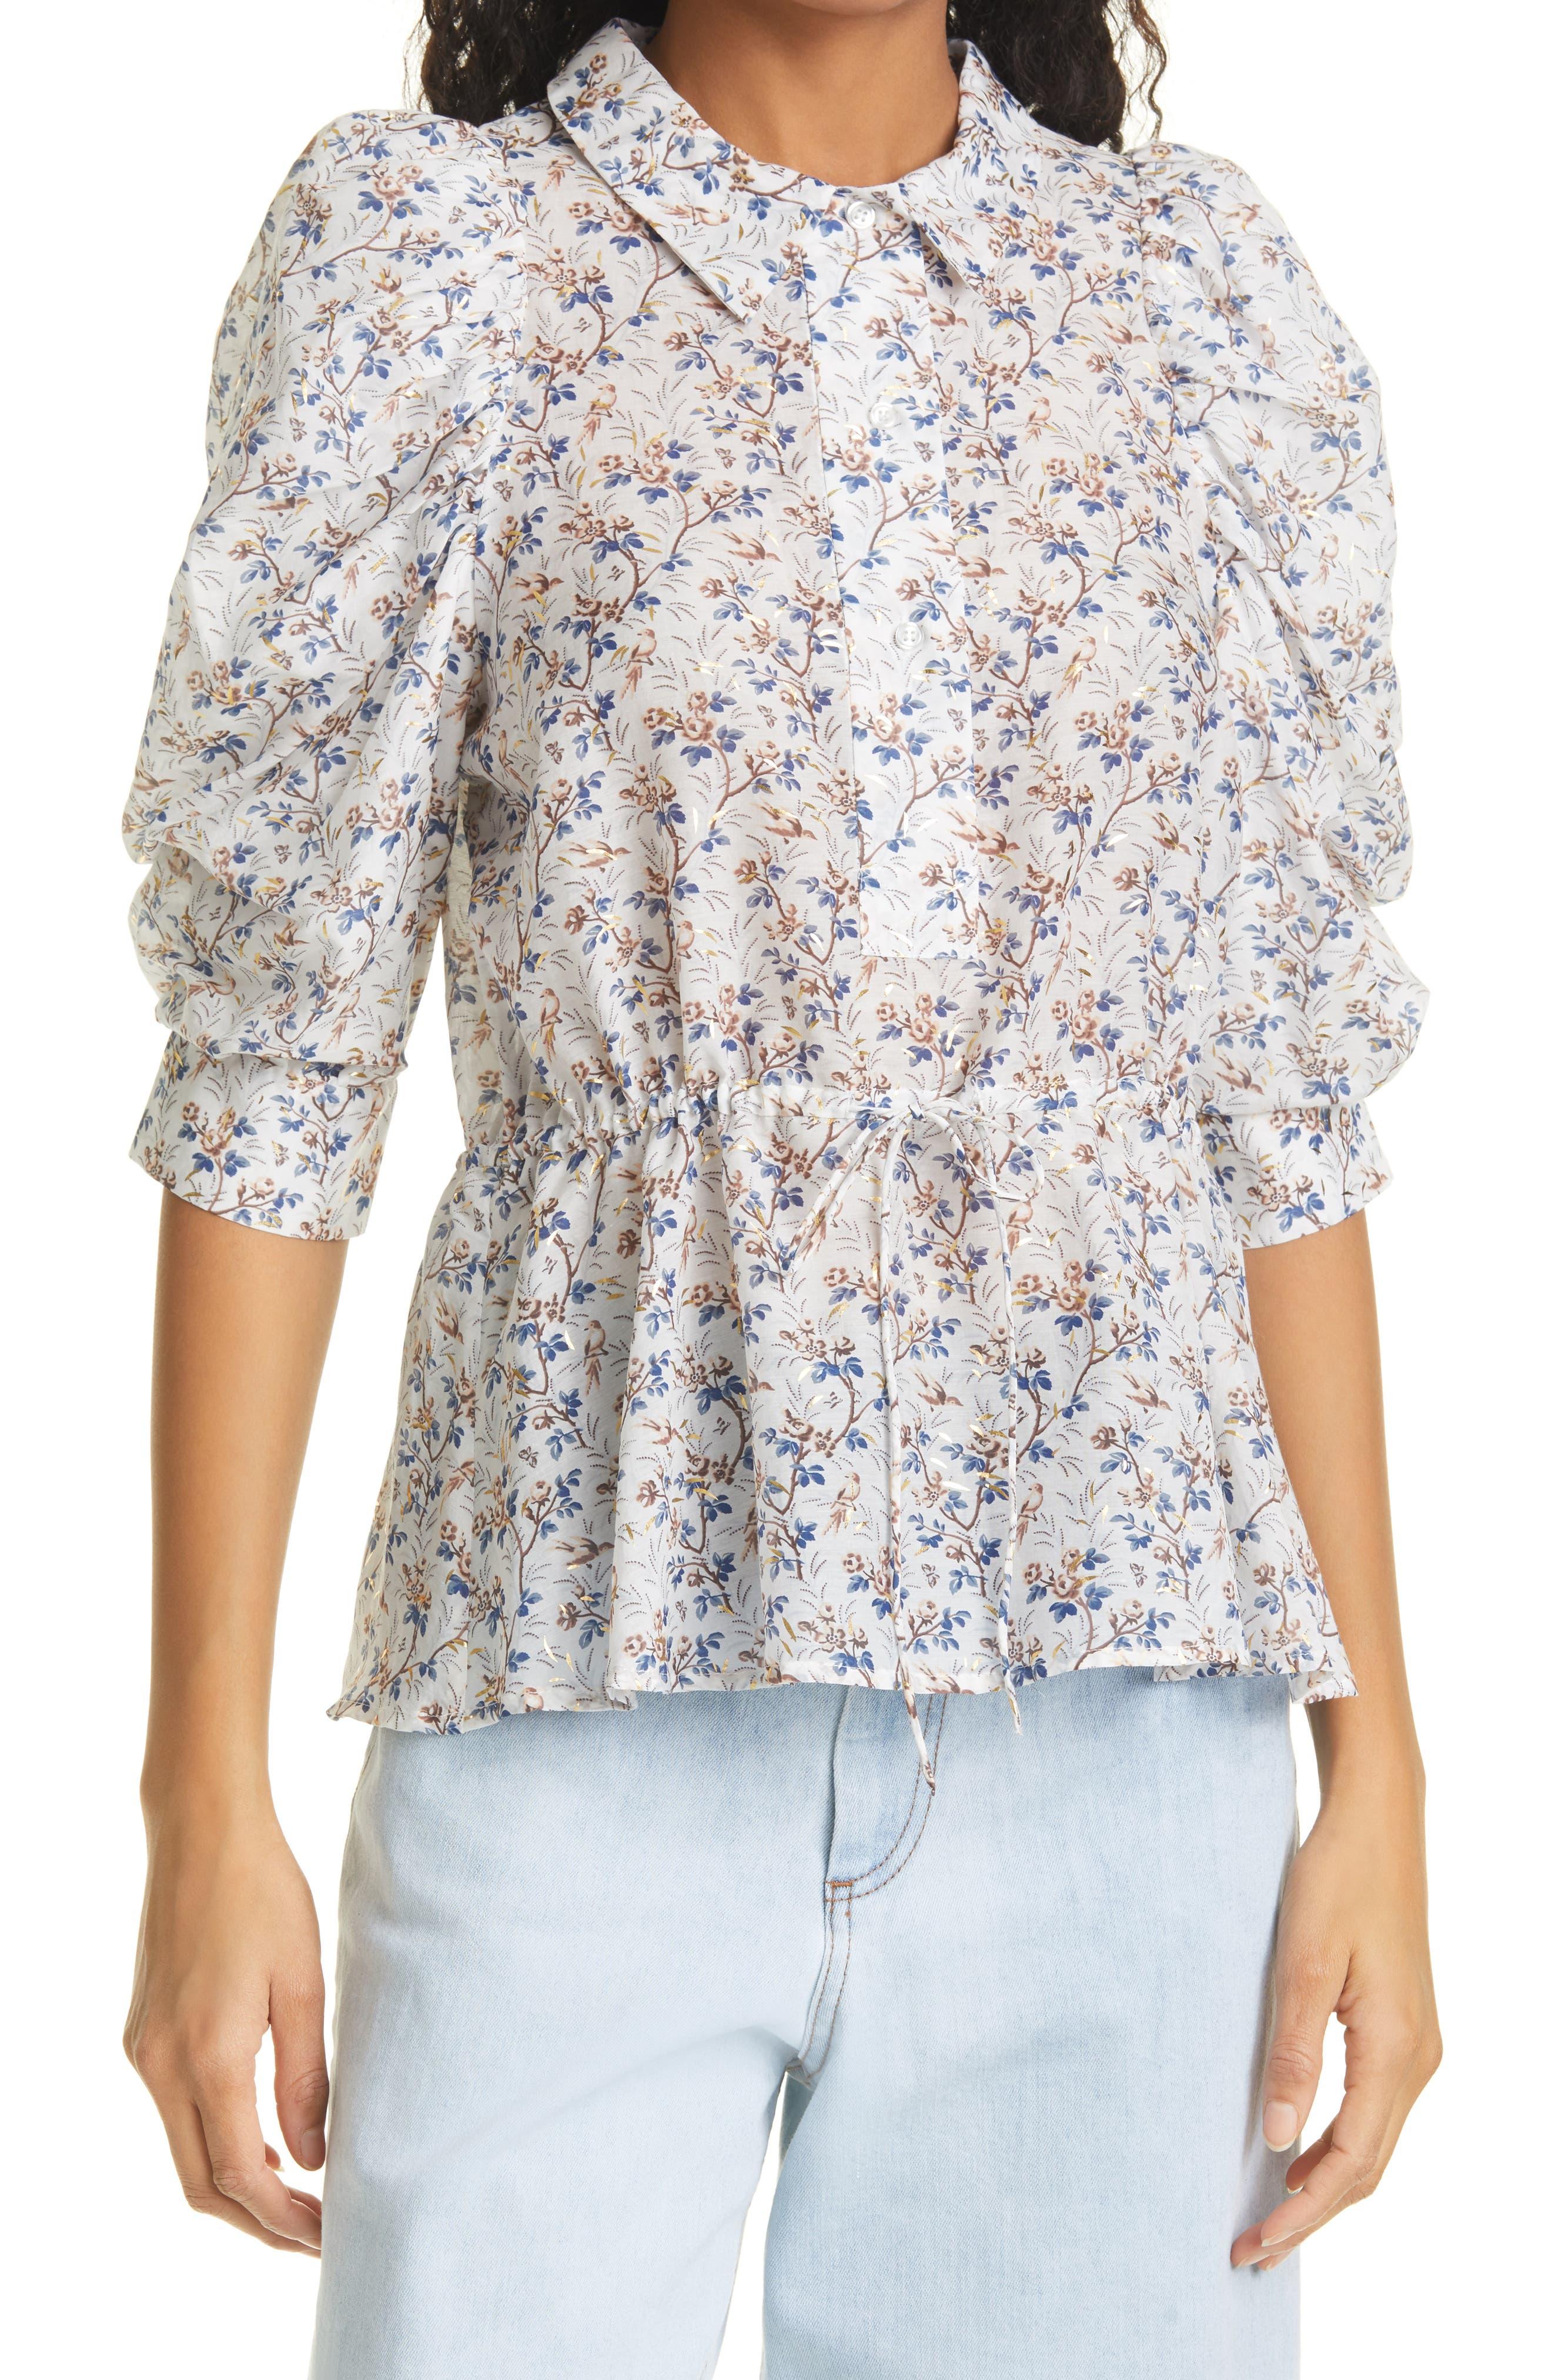 Floral Print Tie Front Blouse